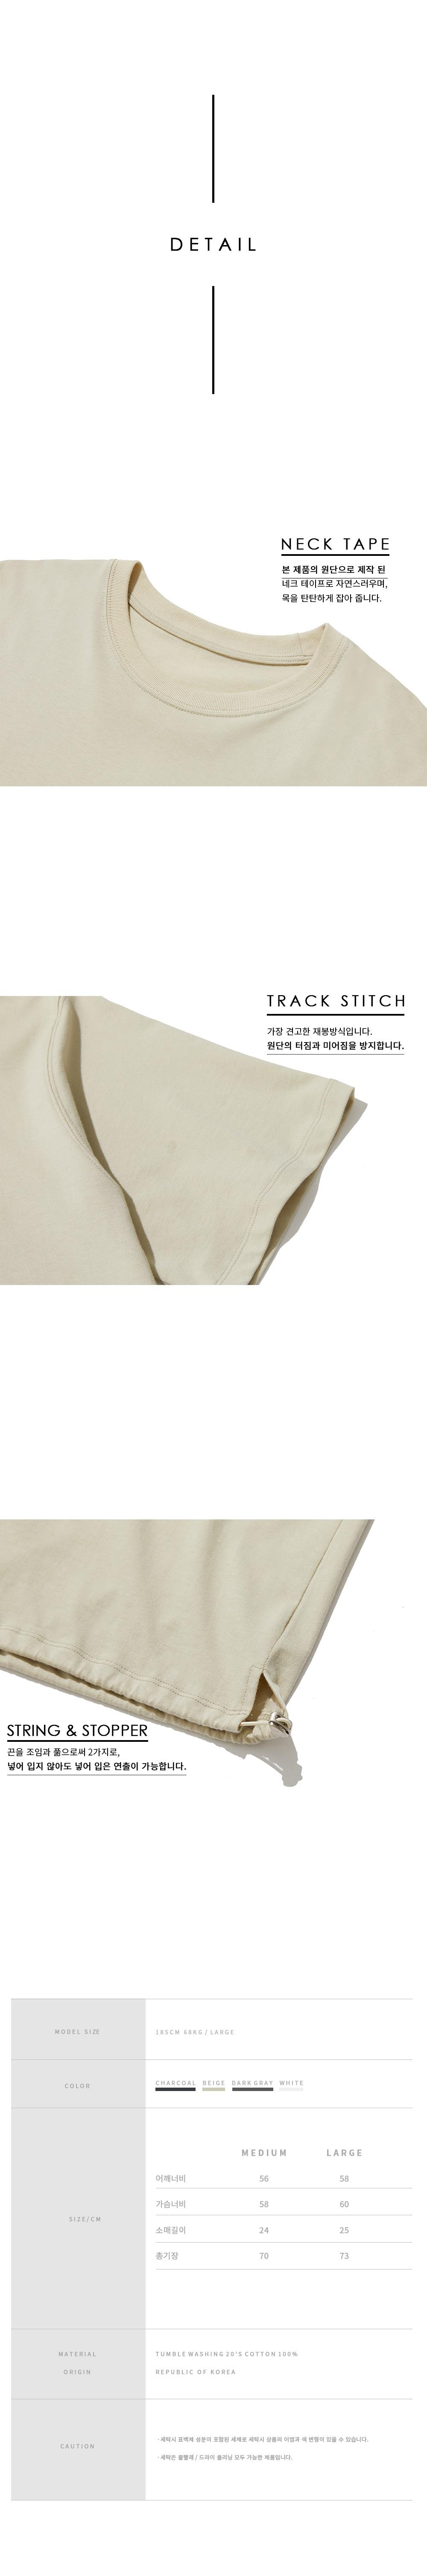 파나컬트(FANA CULT) 20수 코튼 스트링 오버핏 티셔츠 - 다크 그레이